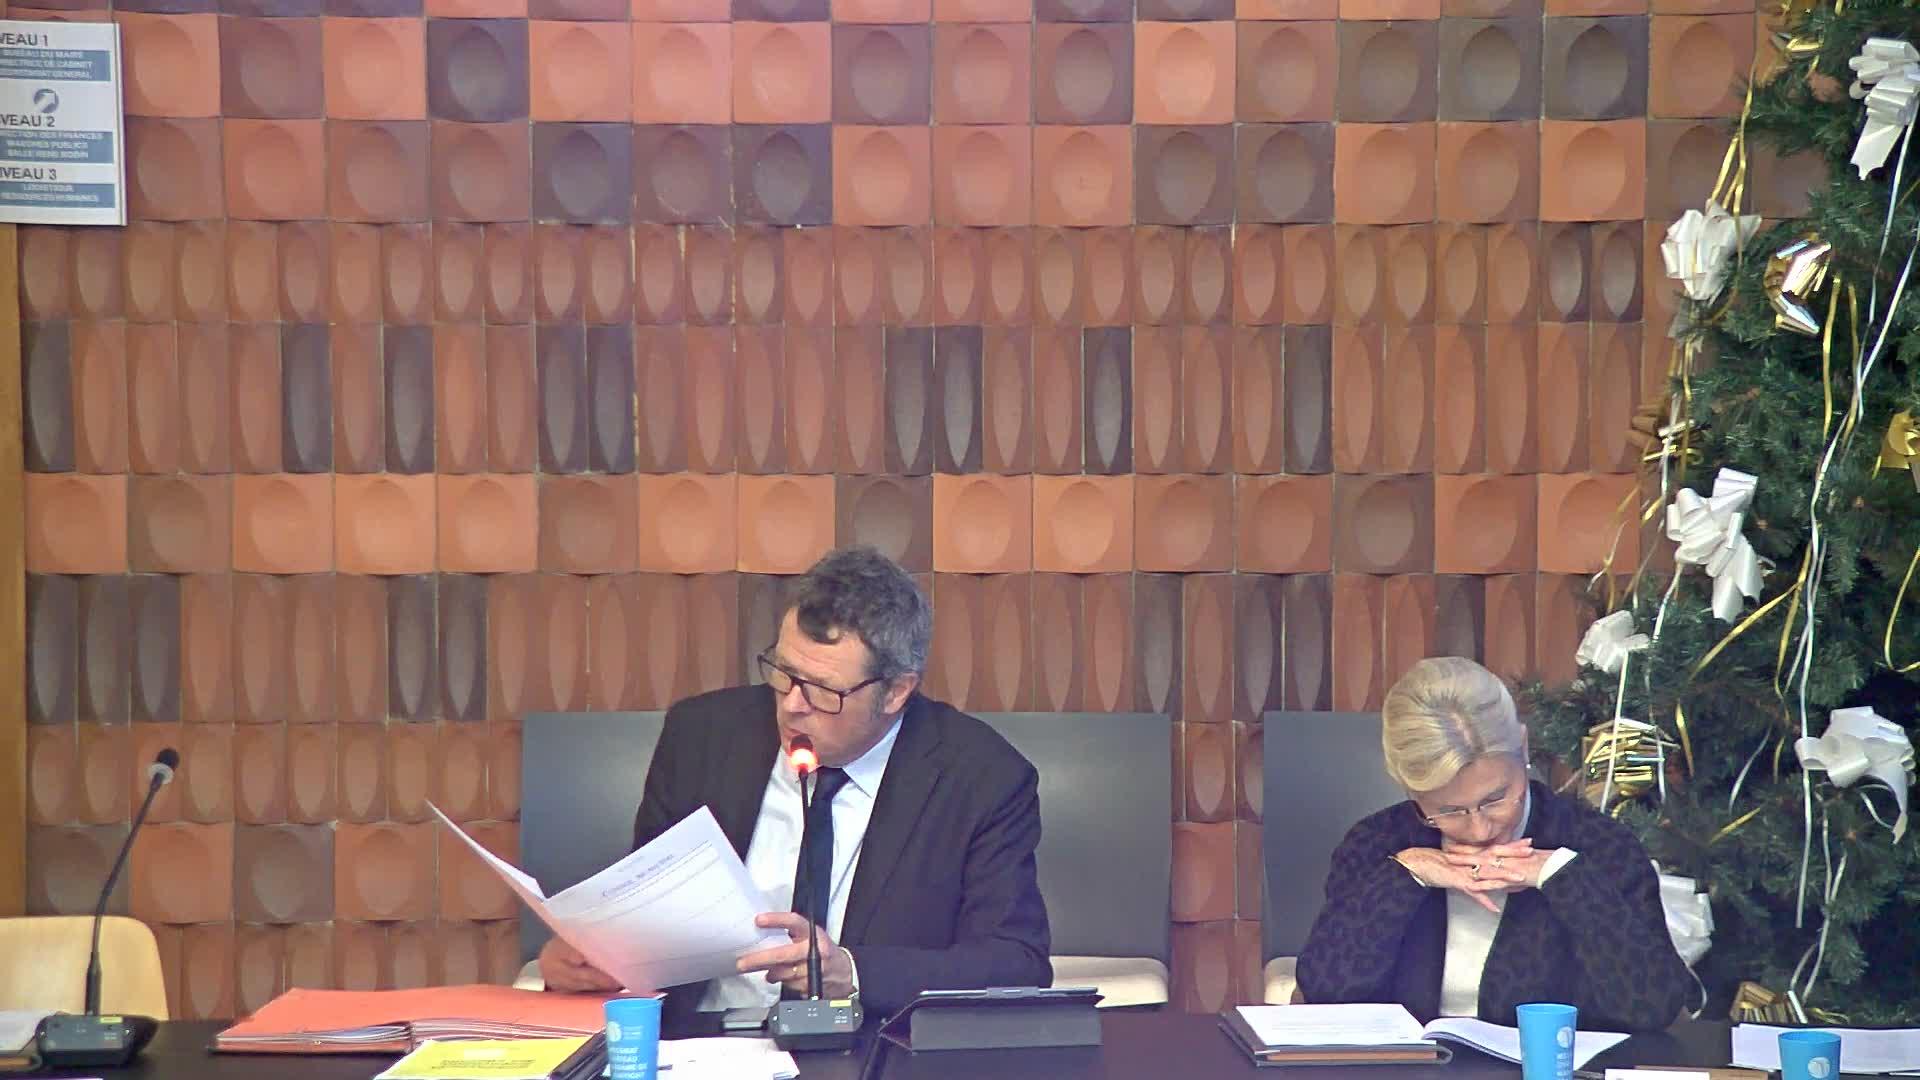 Délibération autorisant Monsieur le Maire à signer une convention de mise à disposition de personnel dans le cadre du service intérim